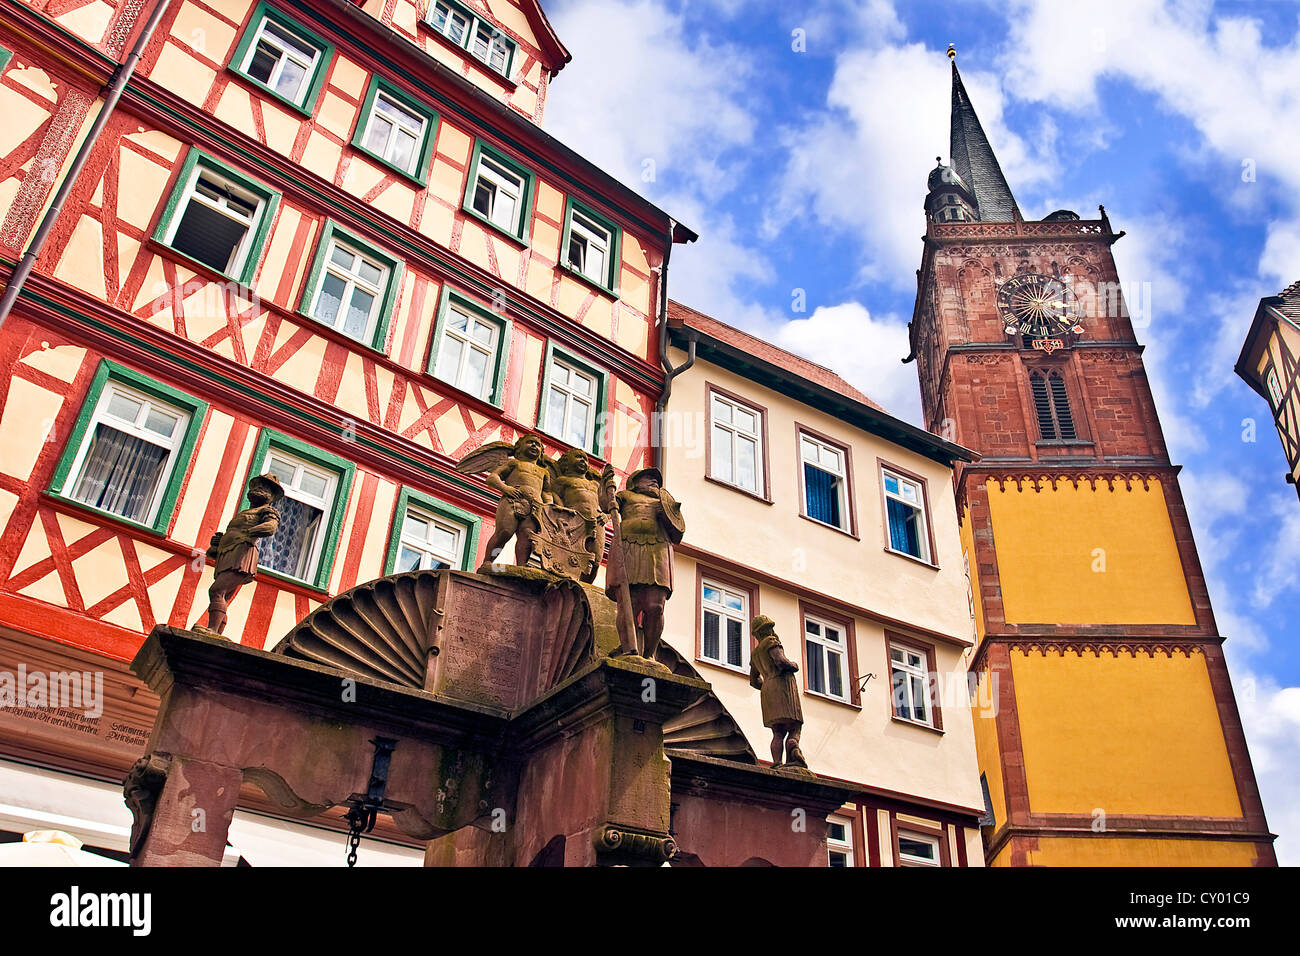 Wertheim, Franconia, Germania acqua medievale bene davanti alla Croce case con travi di legno e un clock tower Immagini Stock